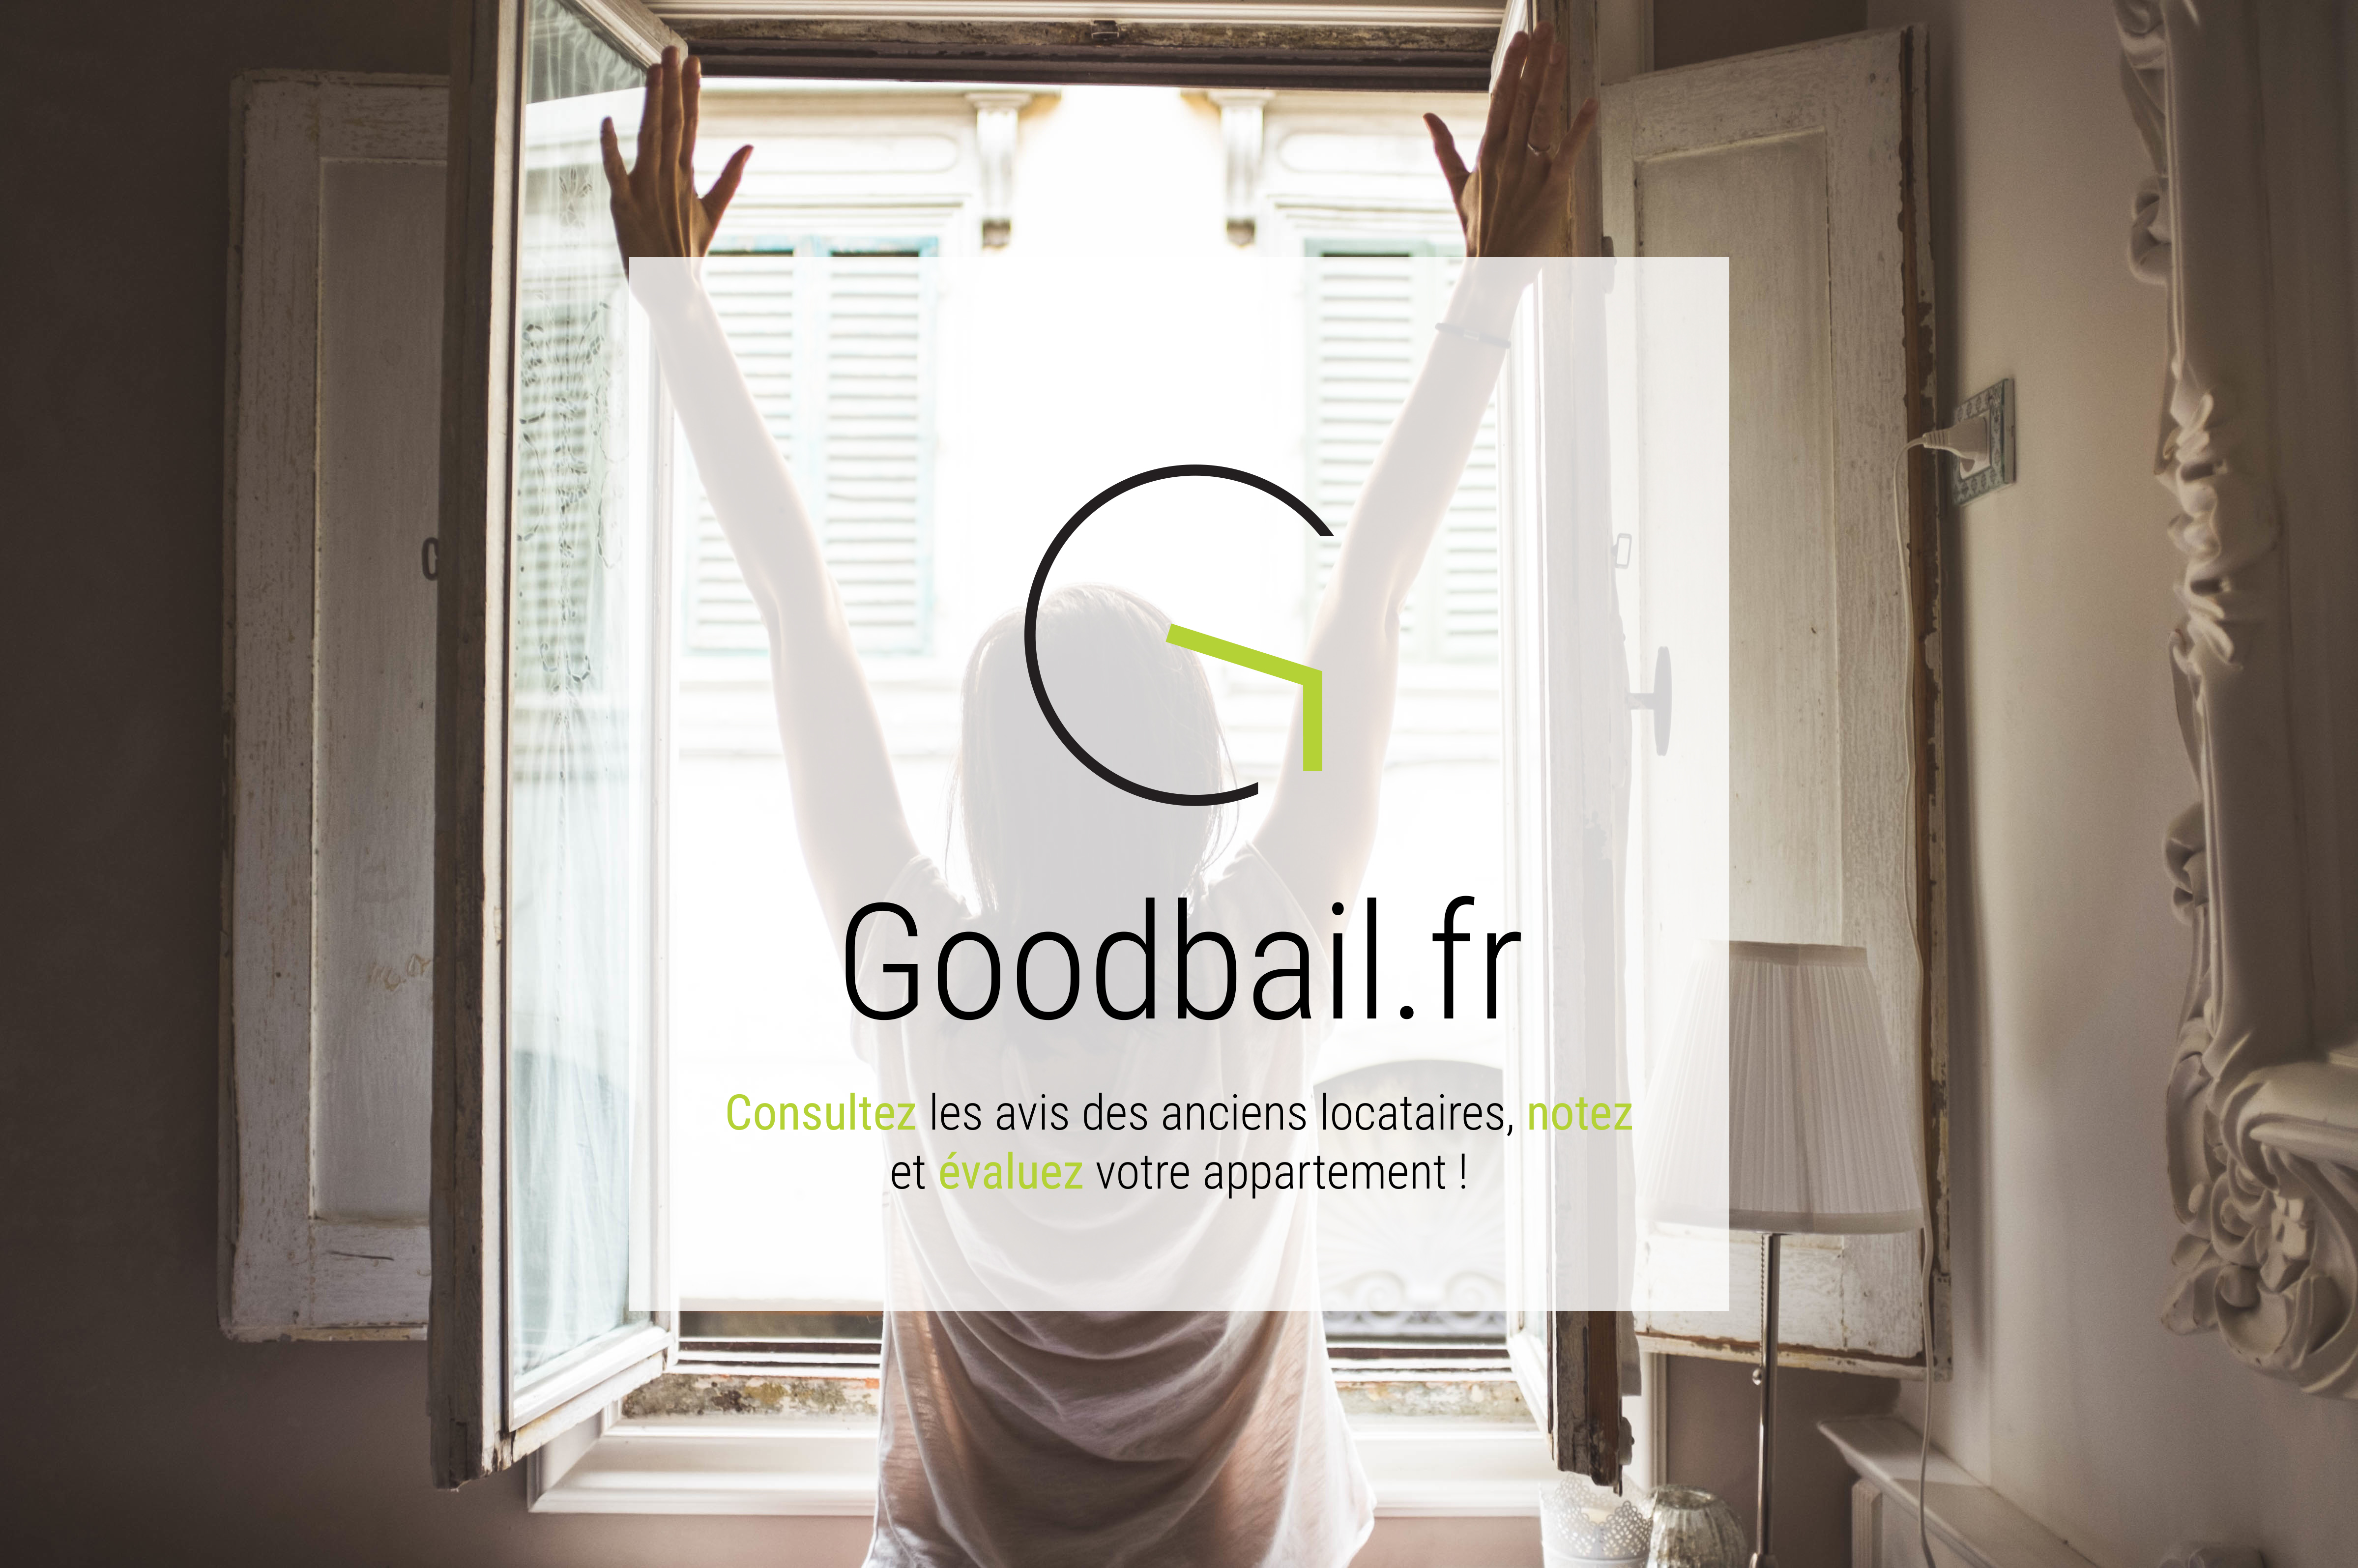 Image de la page d'accueil du site Goodbail.fr